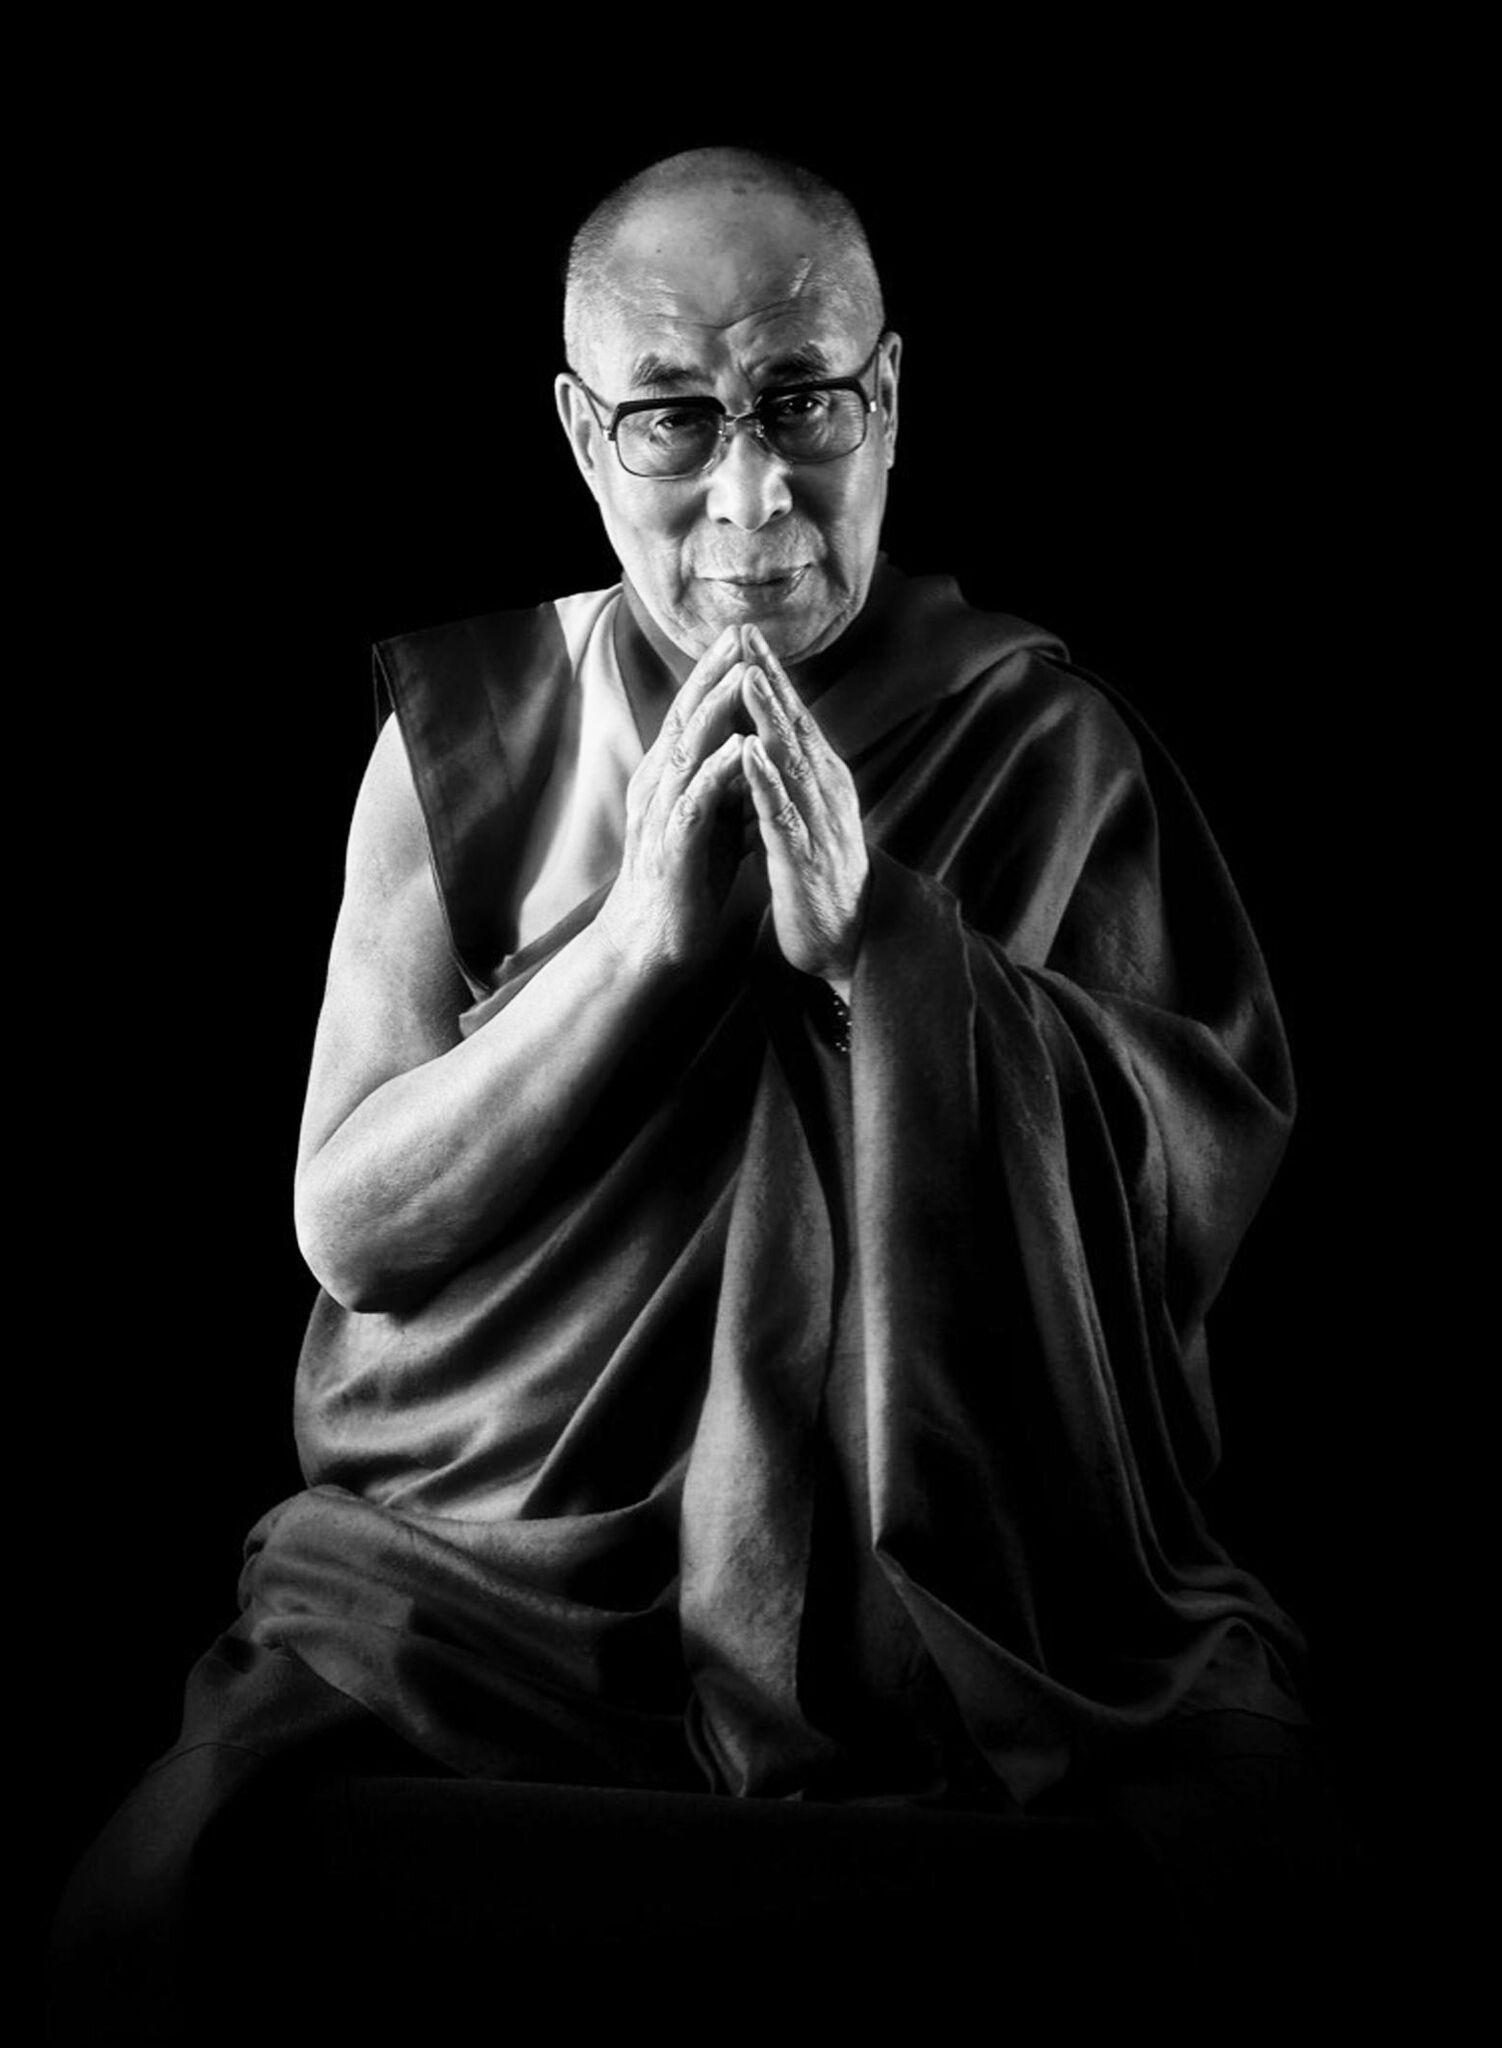 Chris Levine, Compassion (Dalai Lama), Photographic Art, Celebrity Art, Zen Art